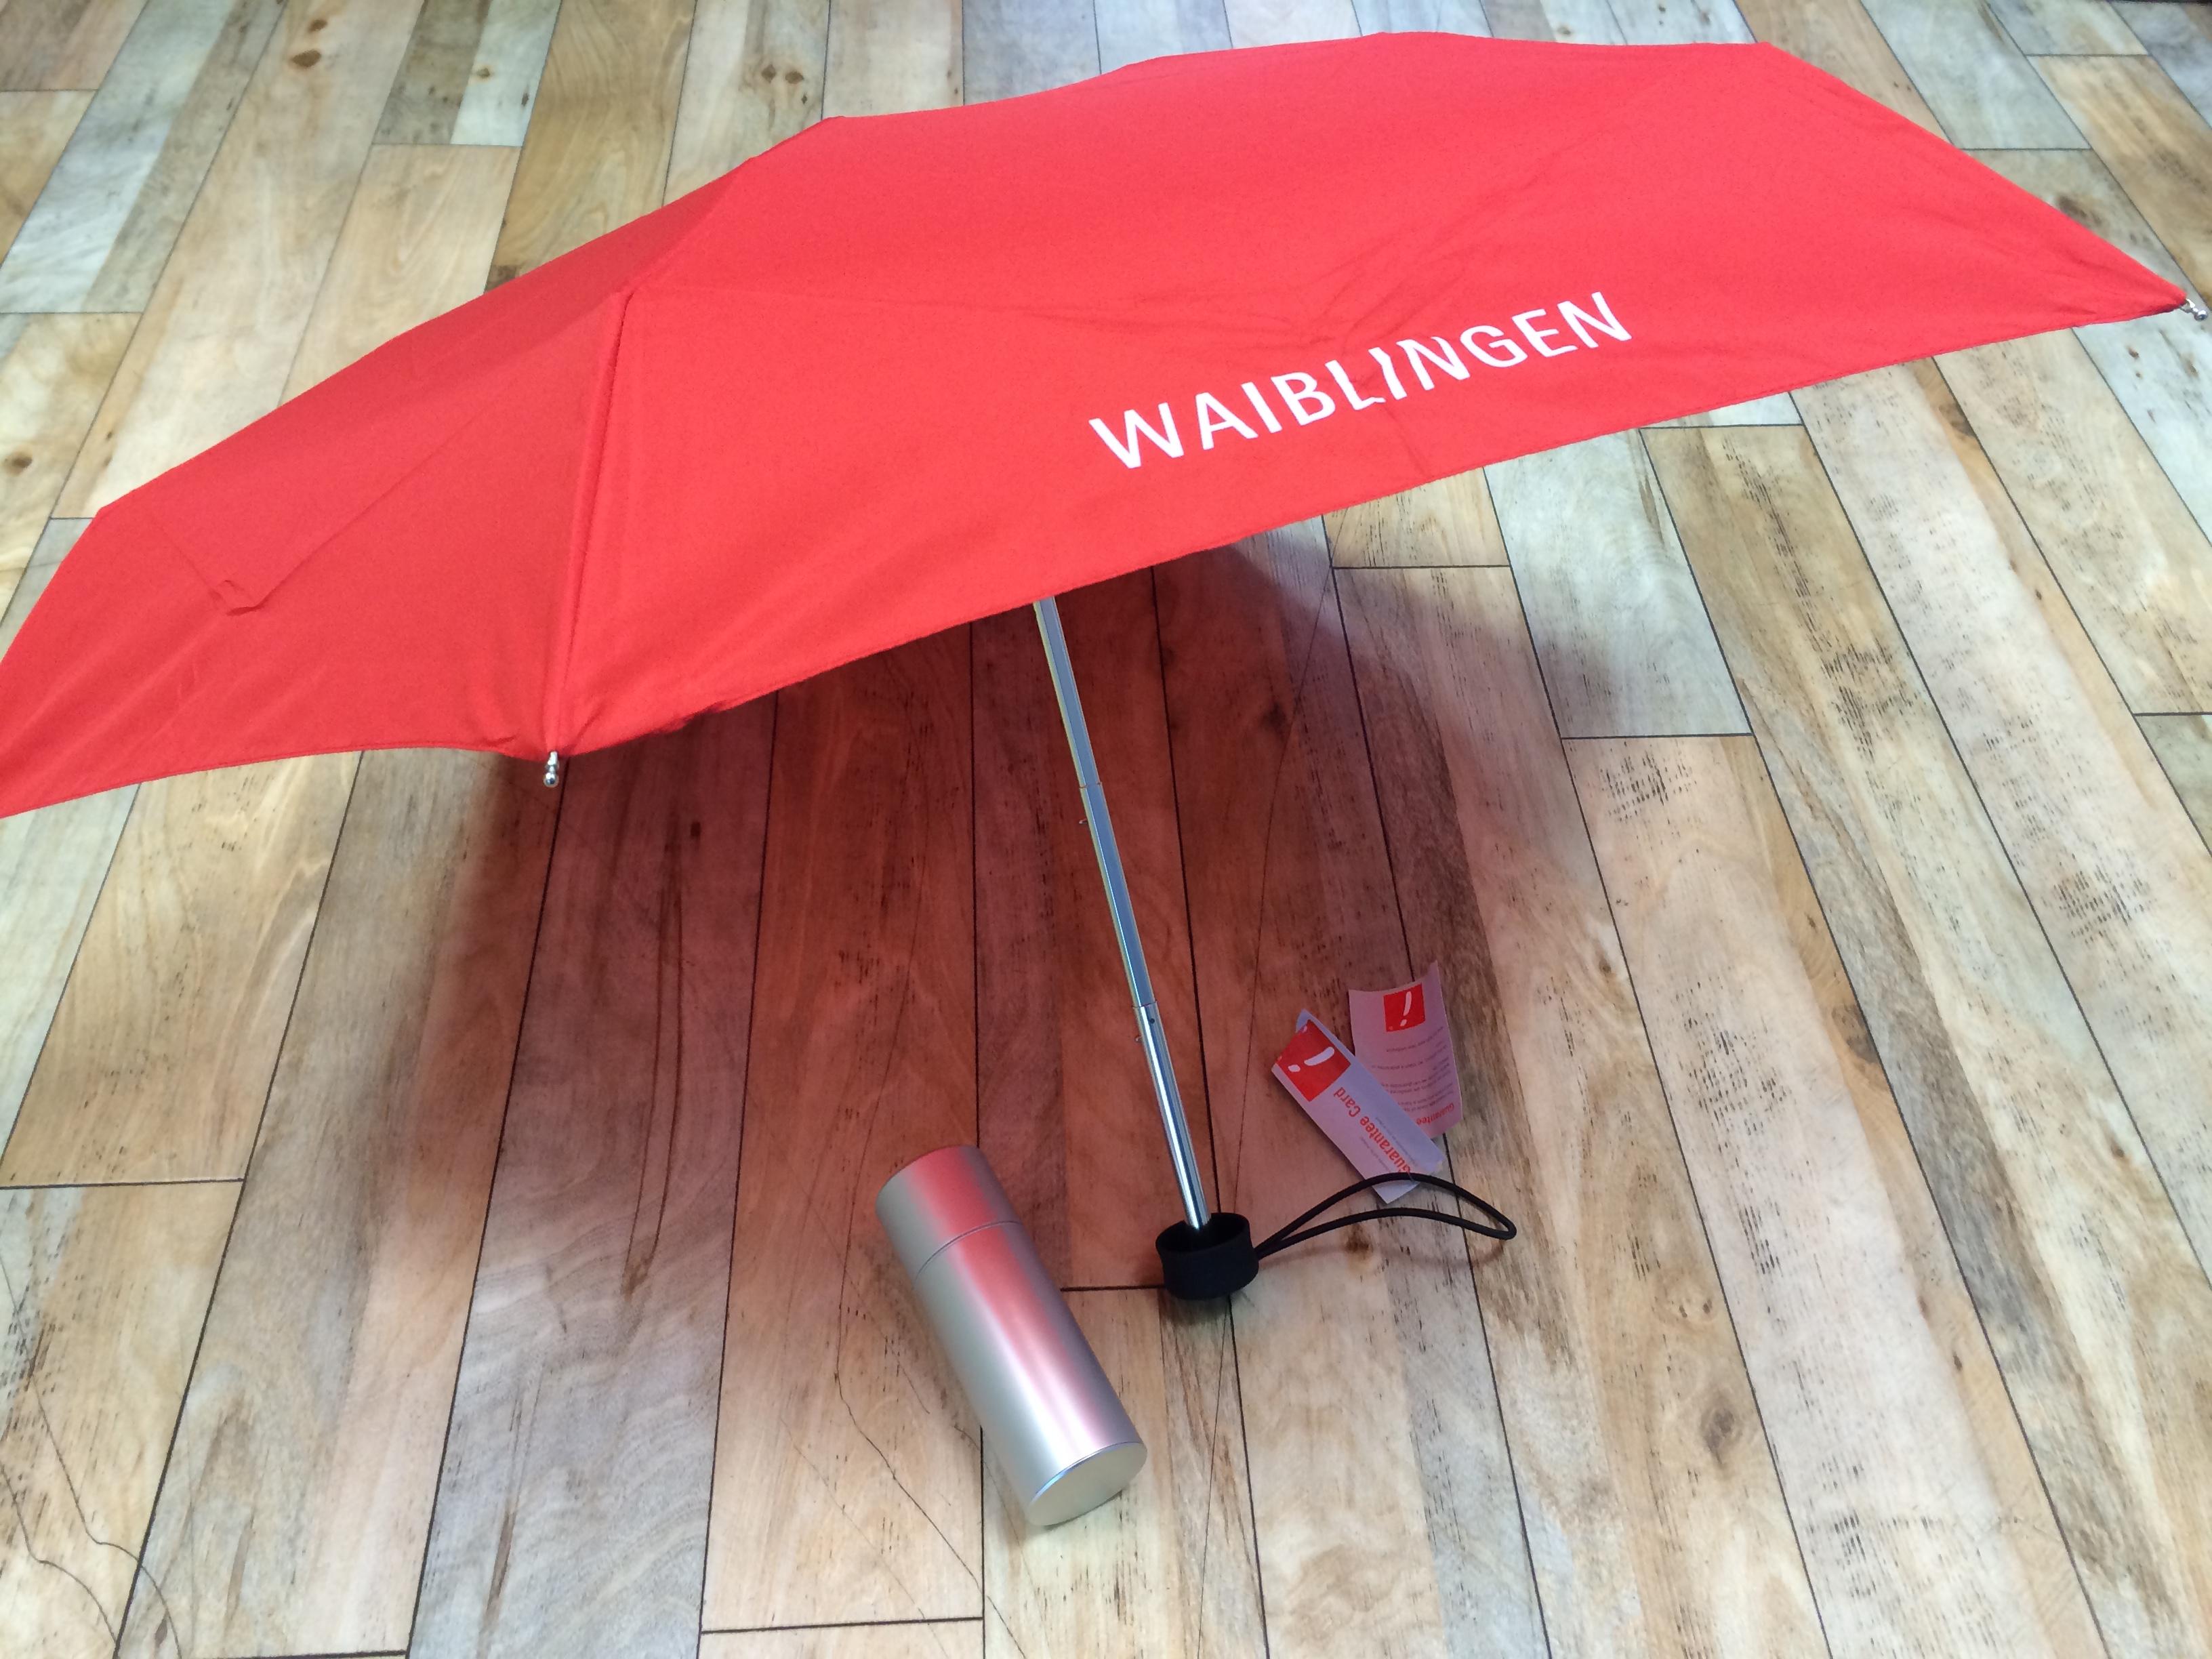 Waiblingen Schirm